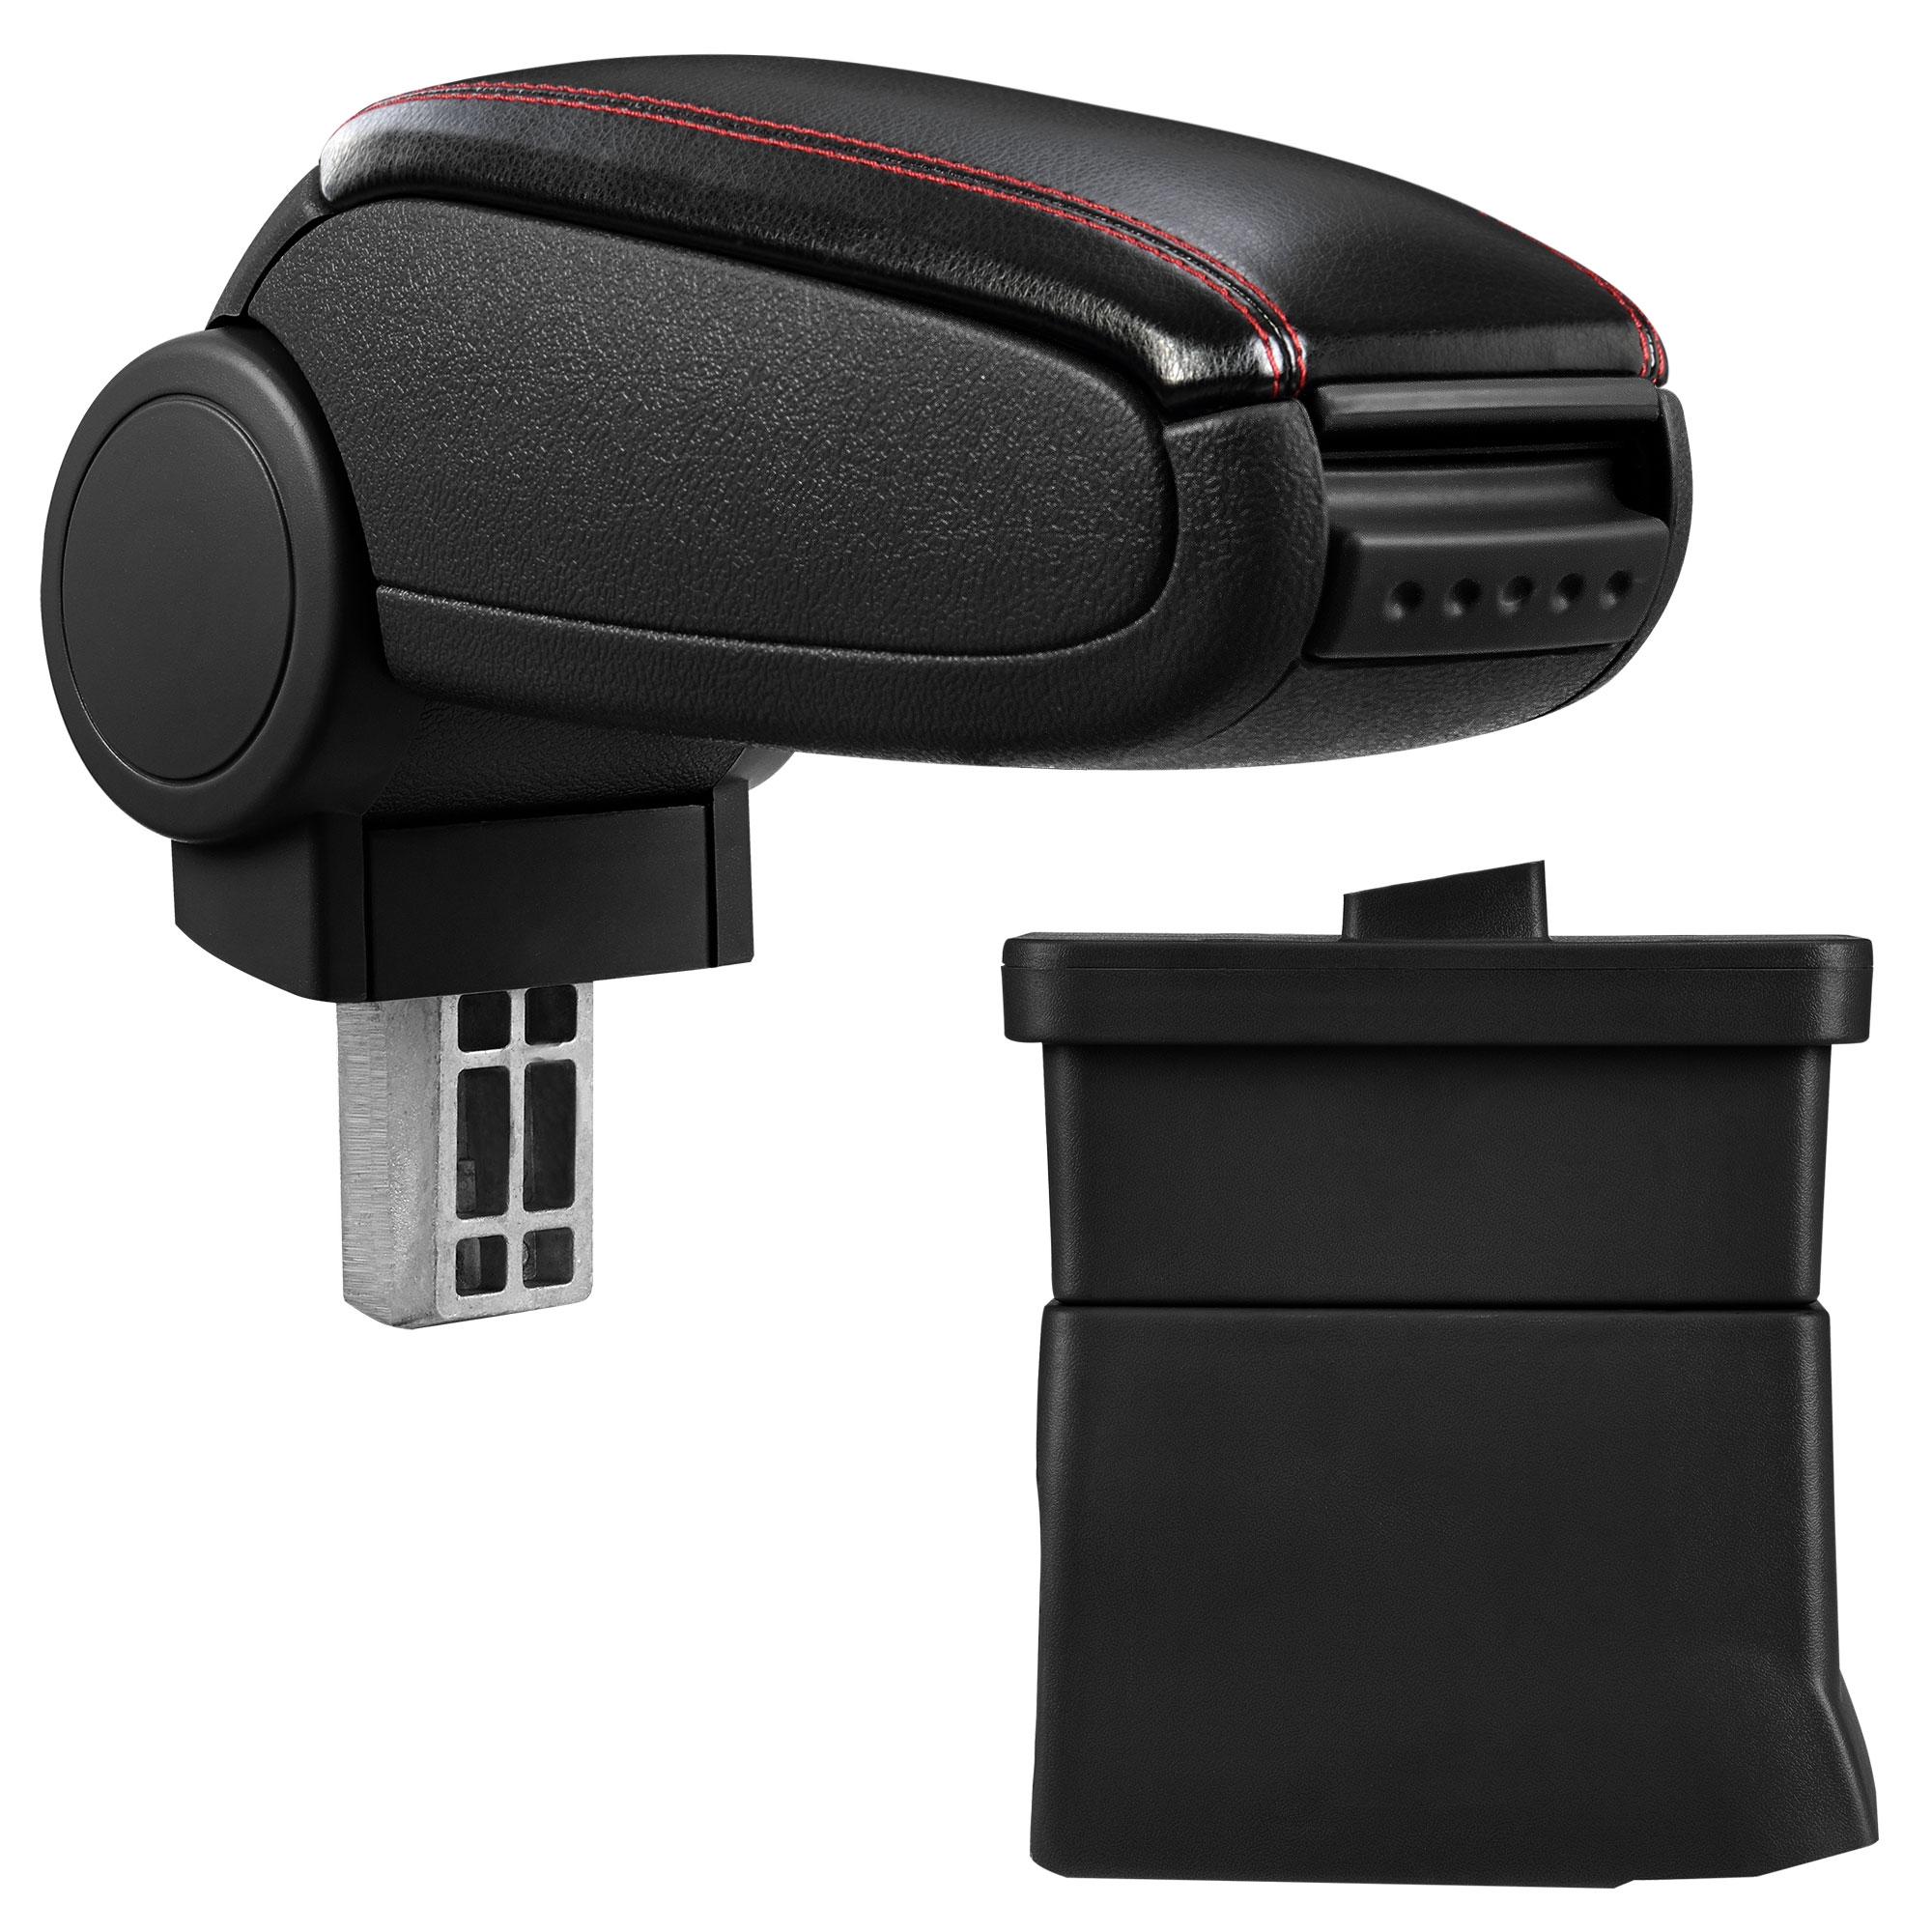 Středová loketní opěrka - vhodná pro: Ford Ka od 2009 - umělá kůže - Černá s červenými švy